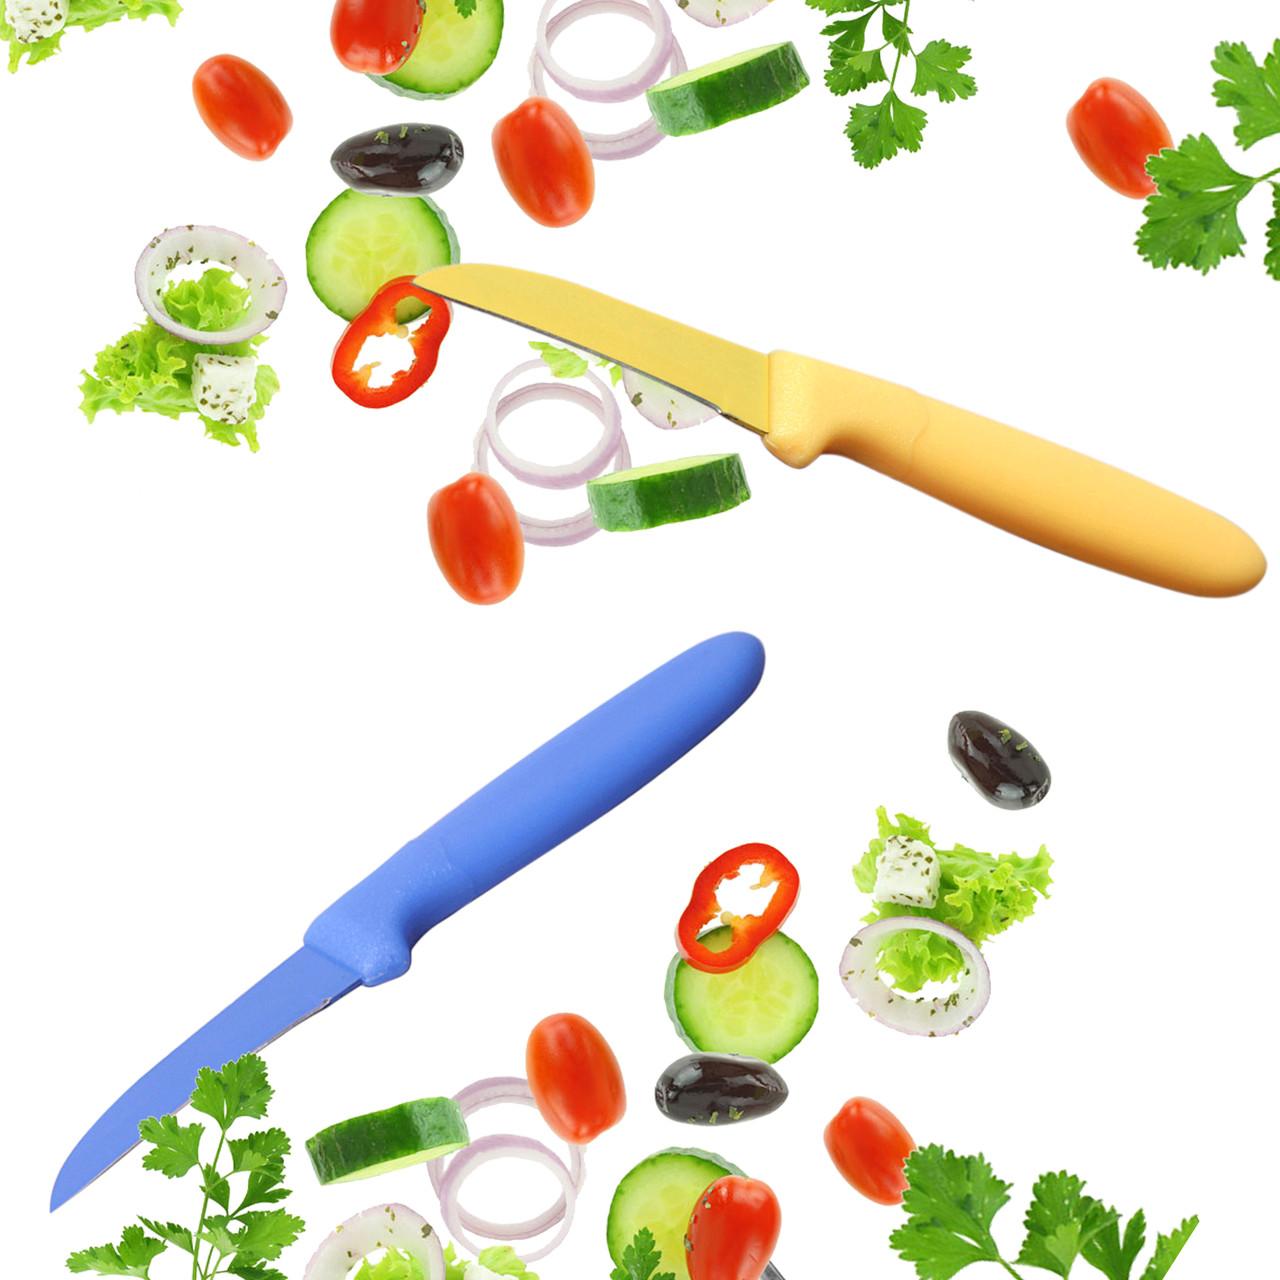 """Ніж кухонний Kamille для чищення овочів з покриттям """"non-stick"""""""